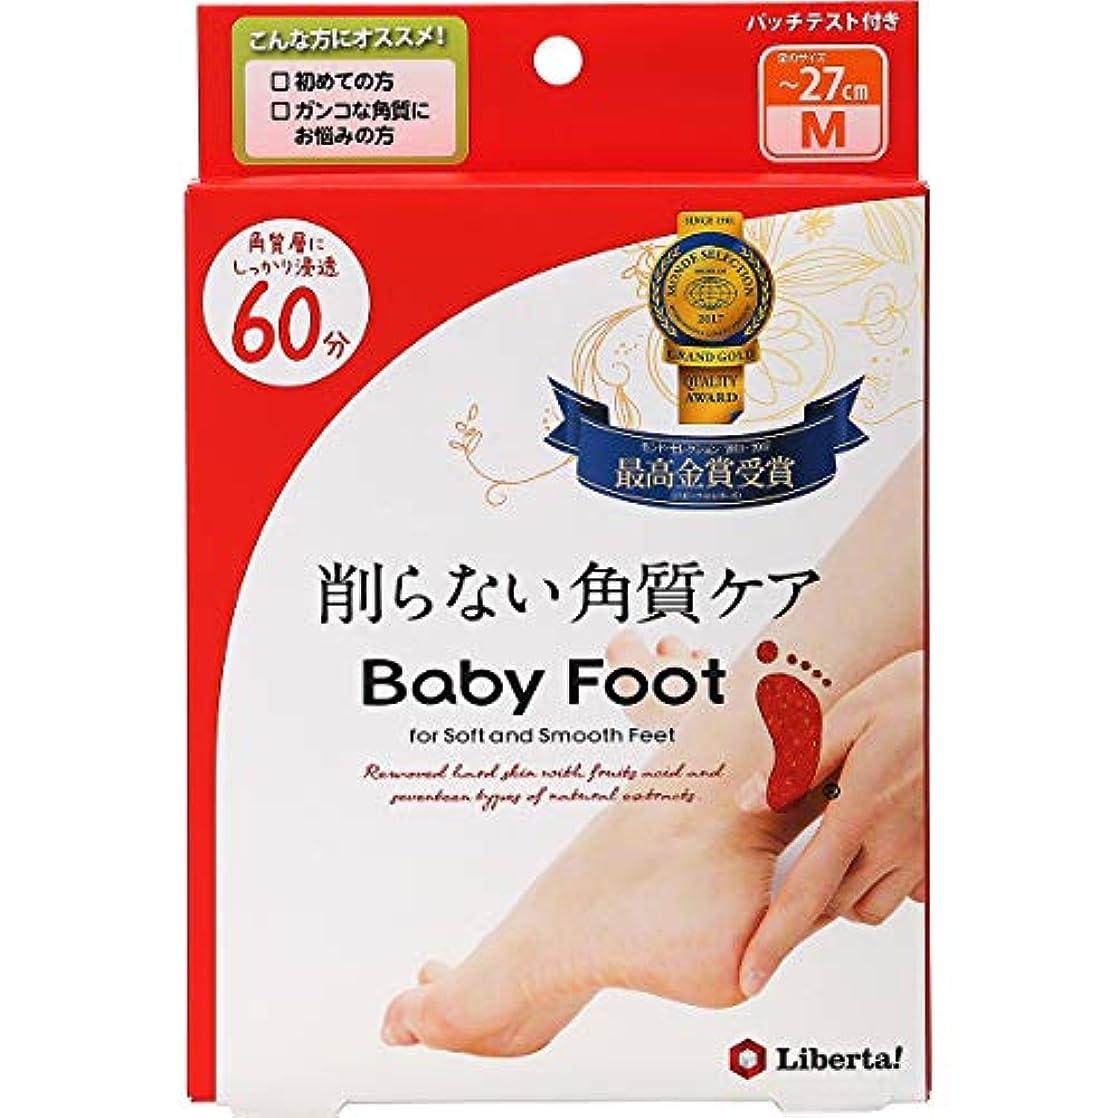 競争標準バッチベビーフット (Baby Foot) ベビーフット イージーパック SPT60分タイプ Mサイズ 単品